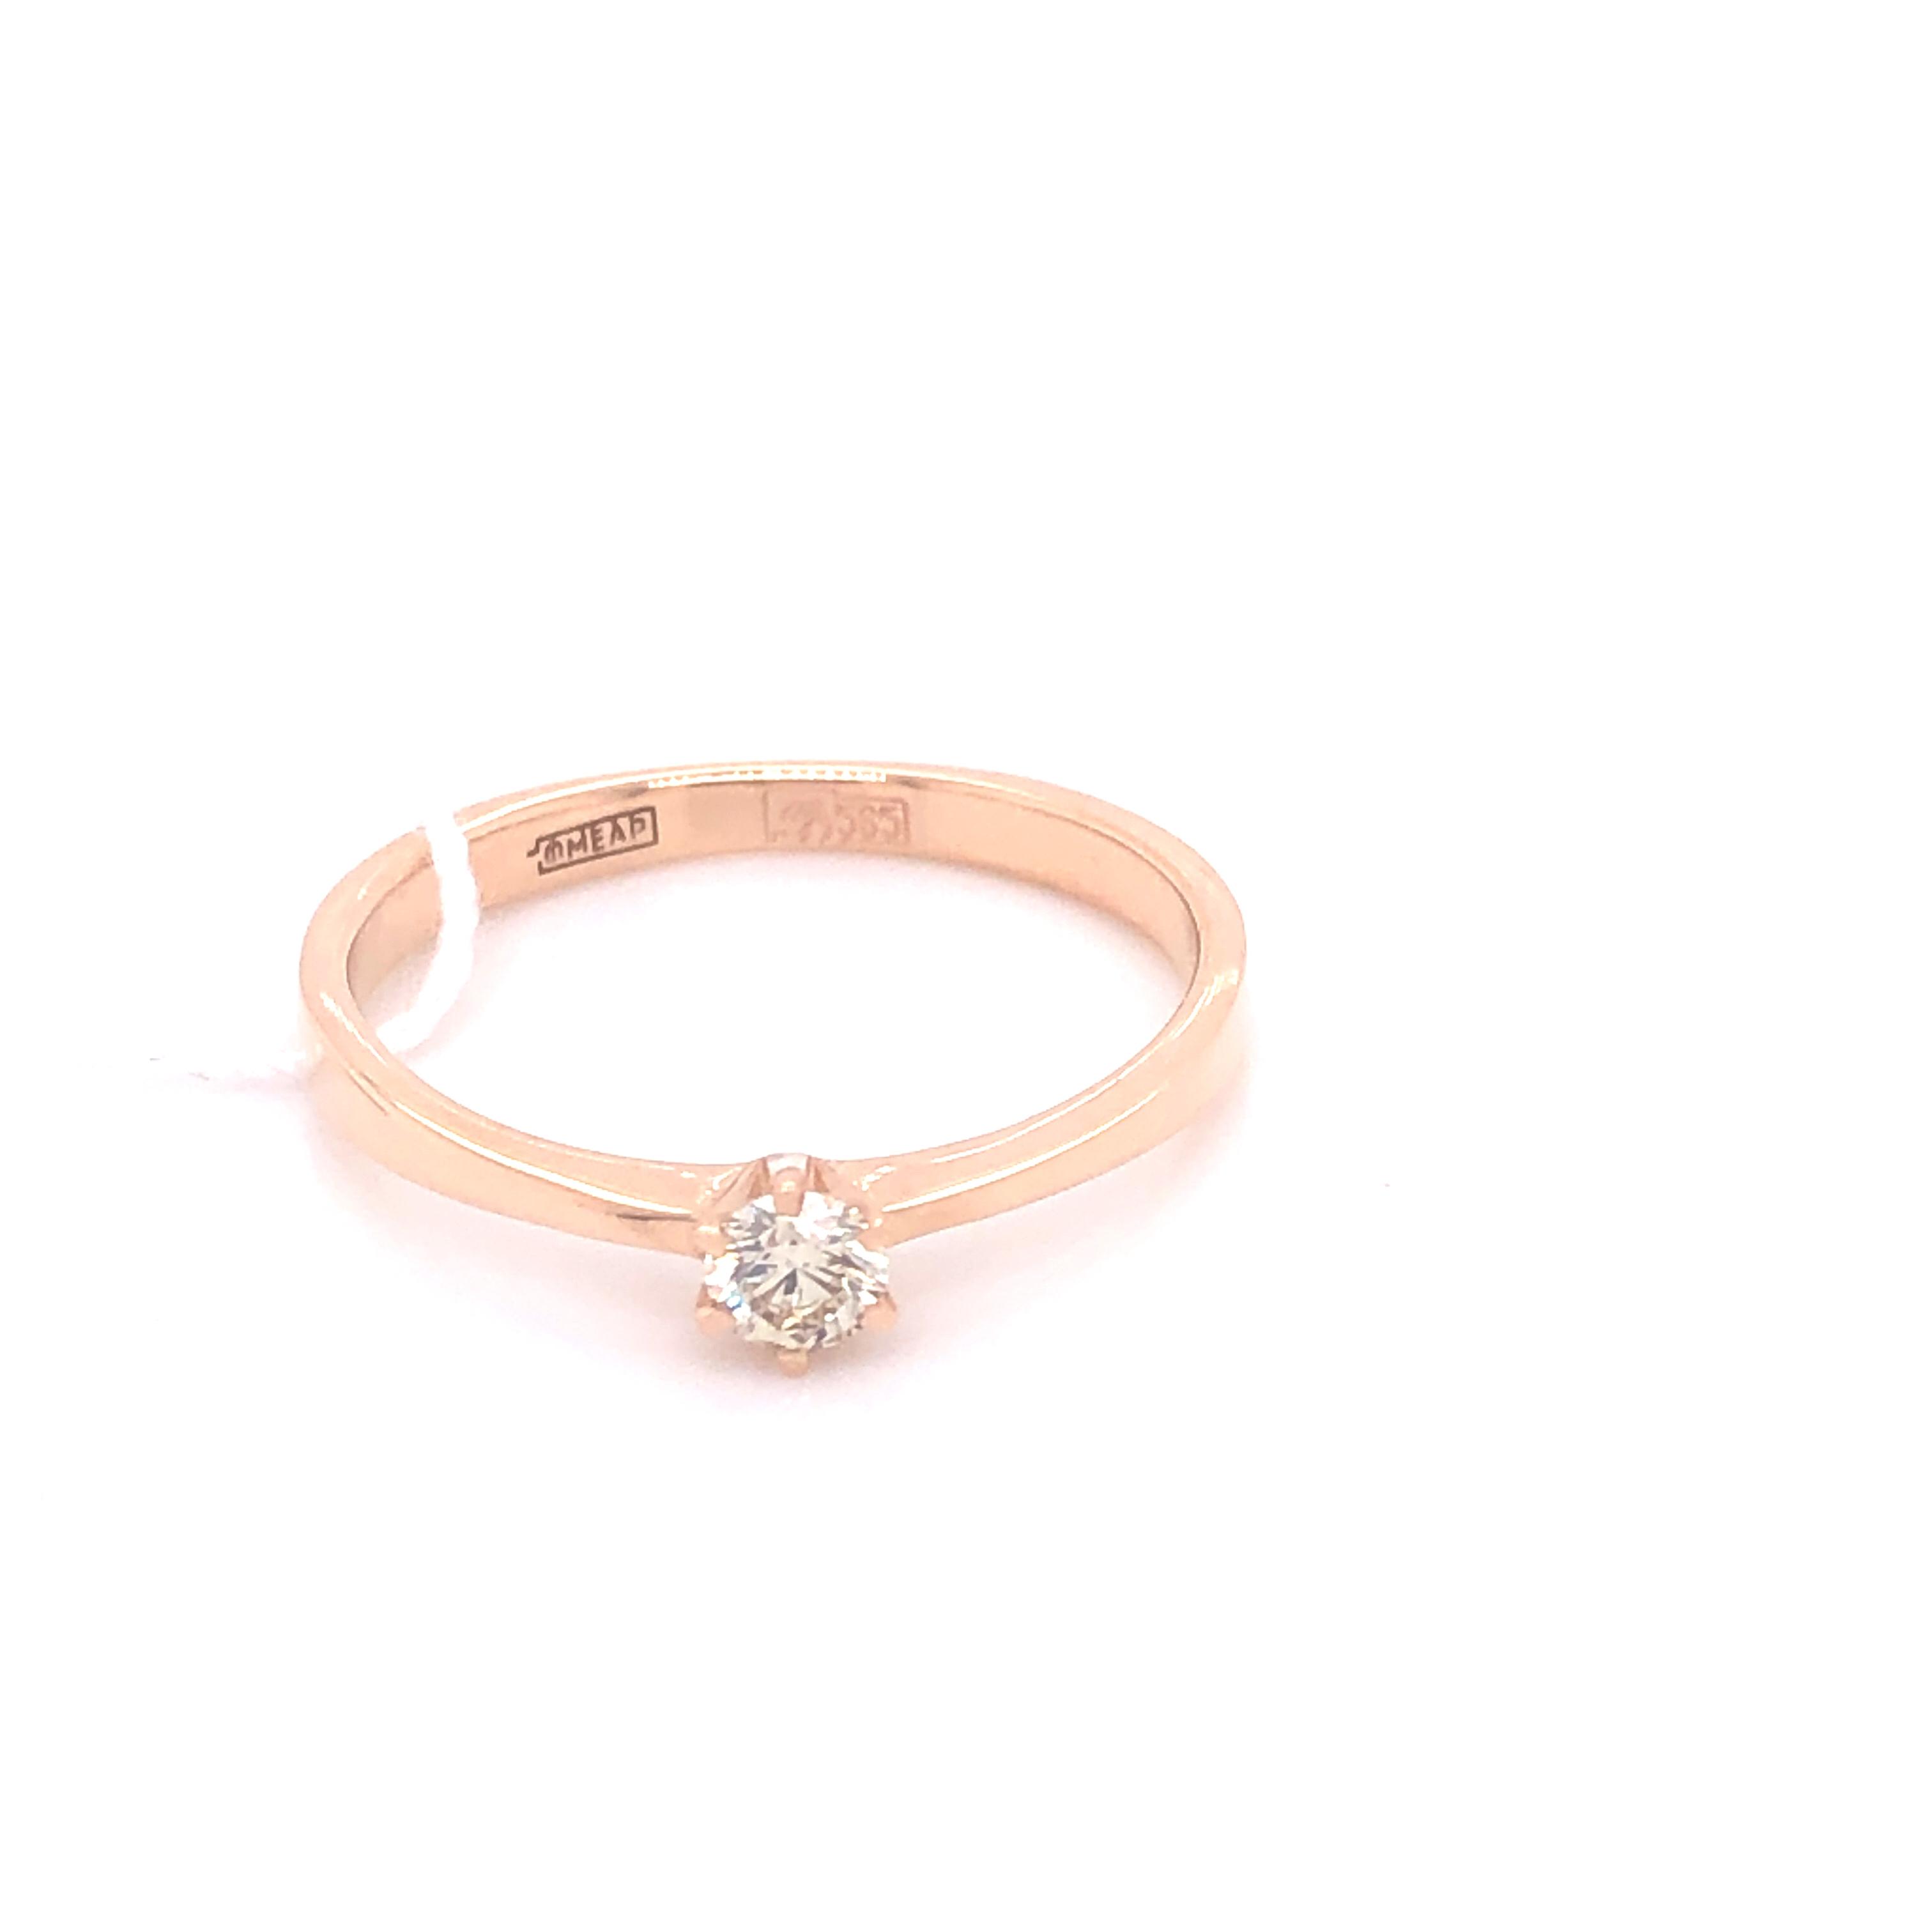 Помолвочное кольцо из золота с бриллиантом Бриллиант арт. 0275 0275